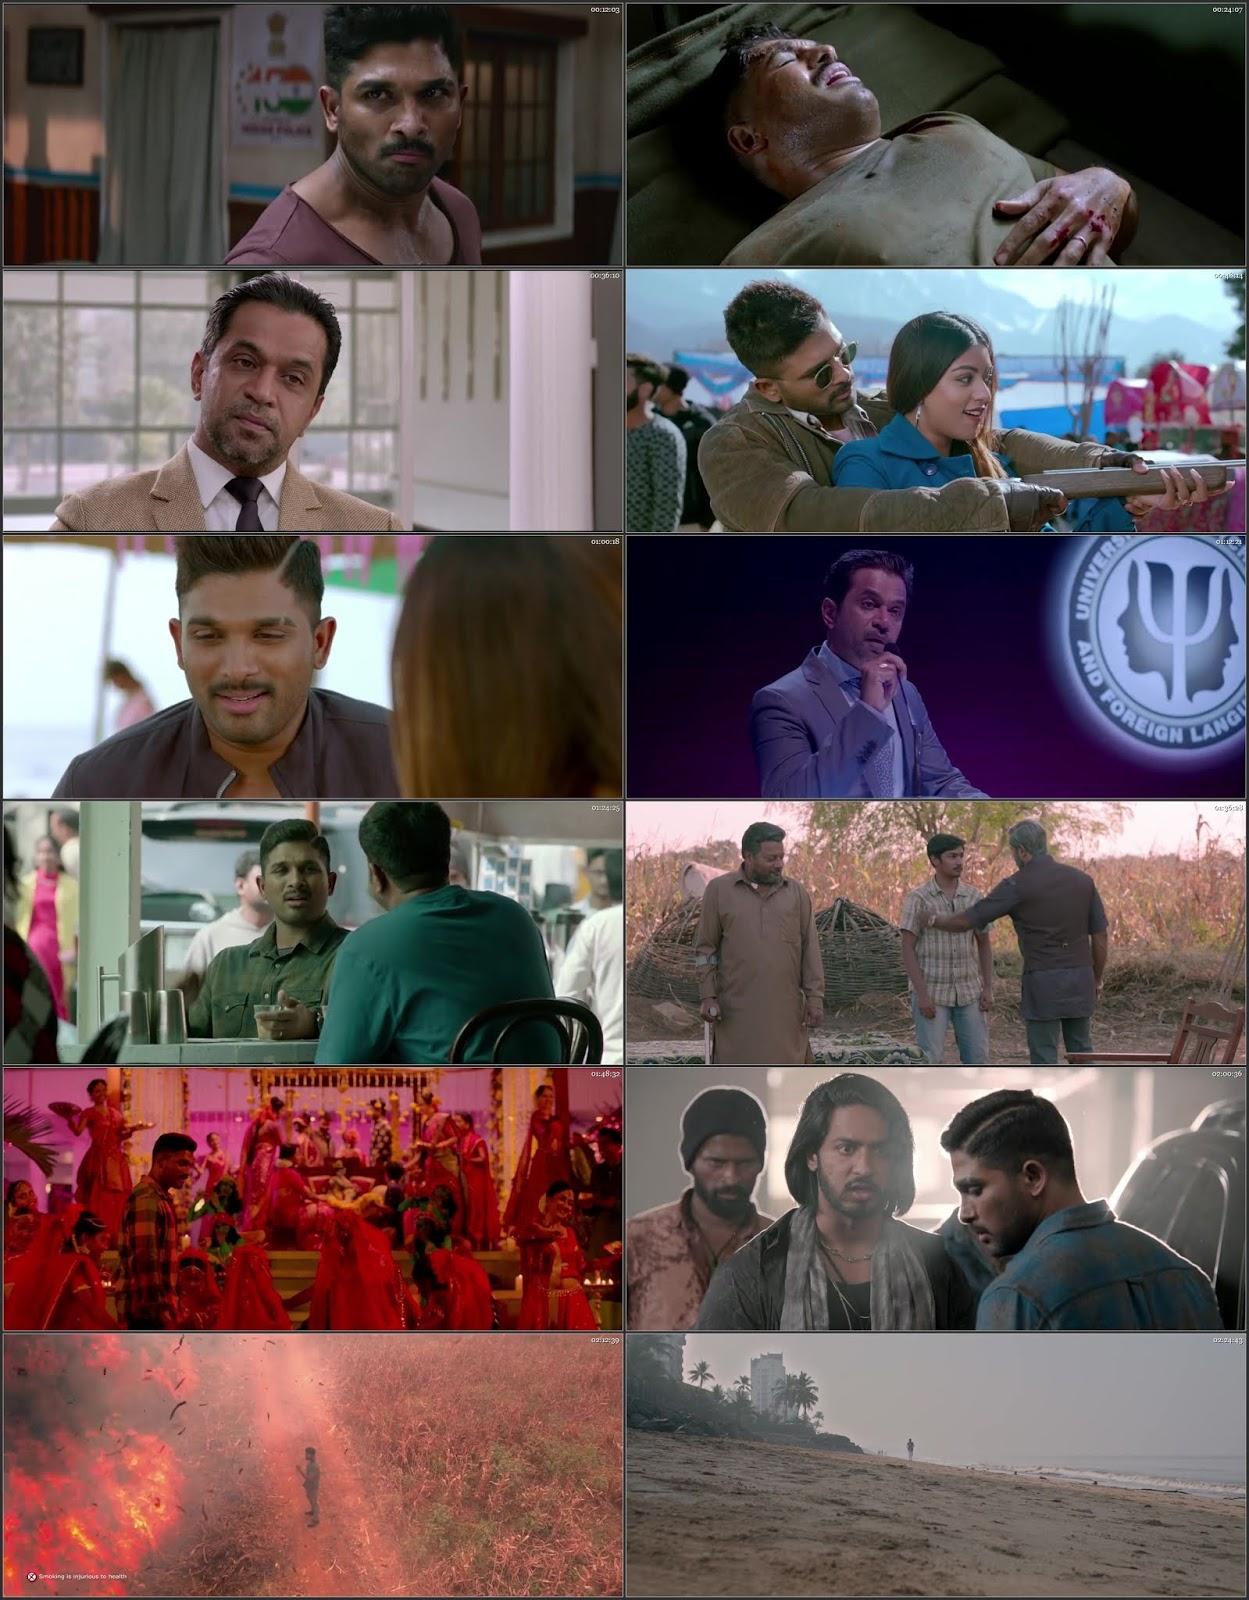 Surya Ek Soldier 2018 UNCUT Hindi Dubbed 400MB HDRip 480p